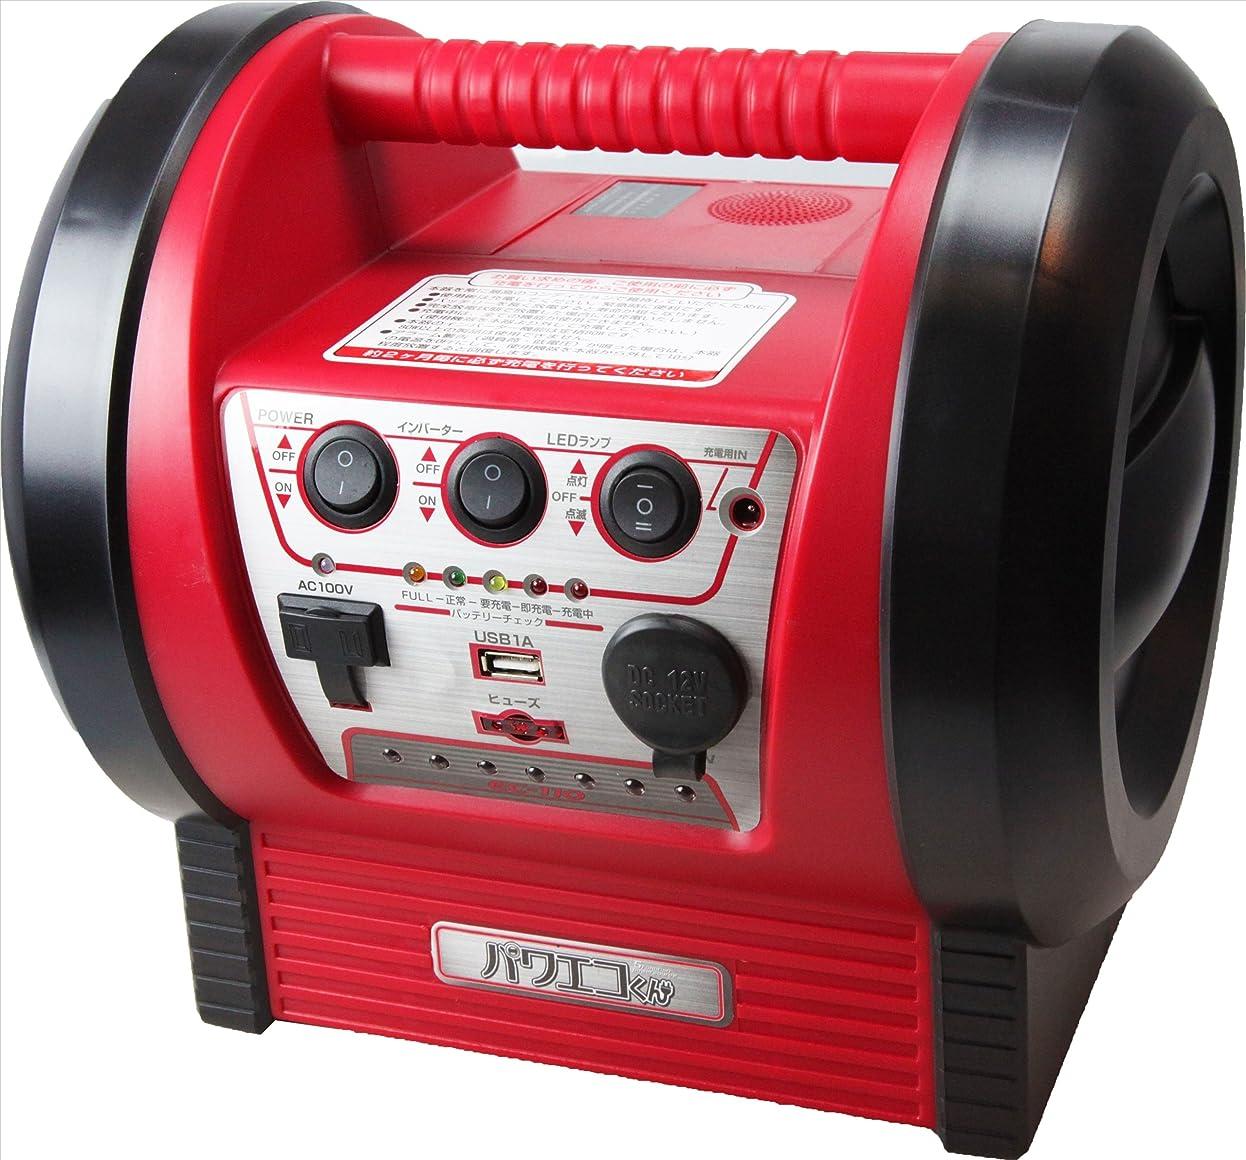 永続レベルお勧めREMIX ( レミックス ) ポータブル電源 ( パワエコクン ) EC-110